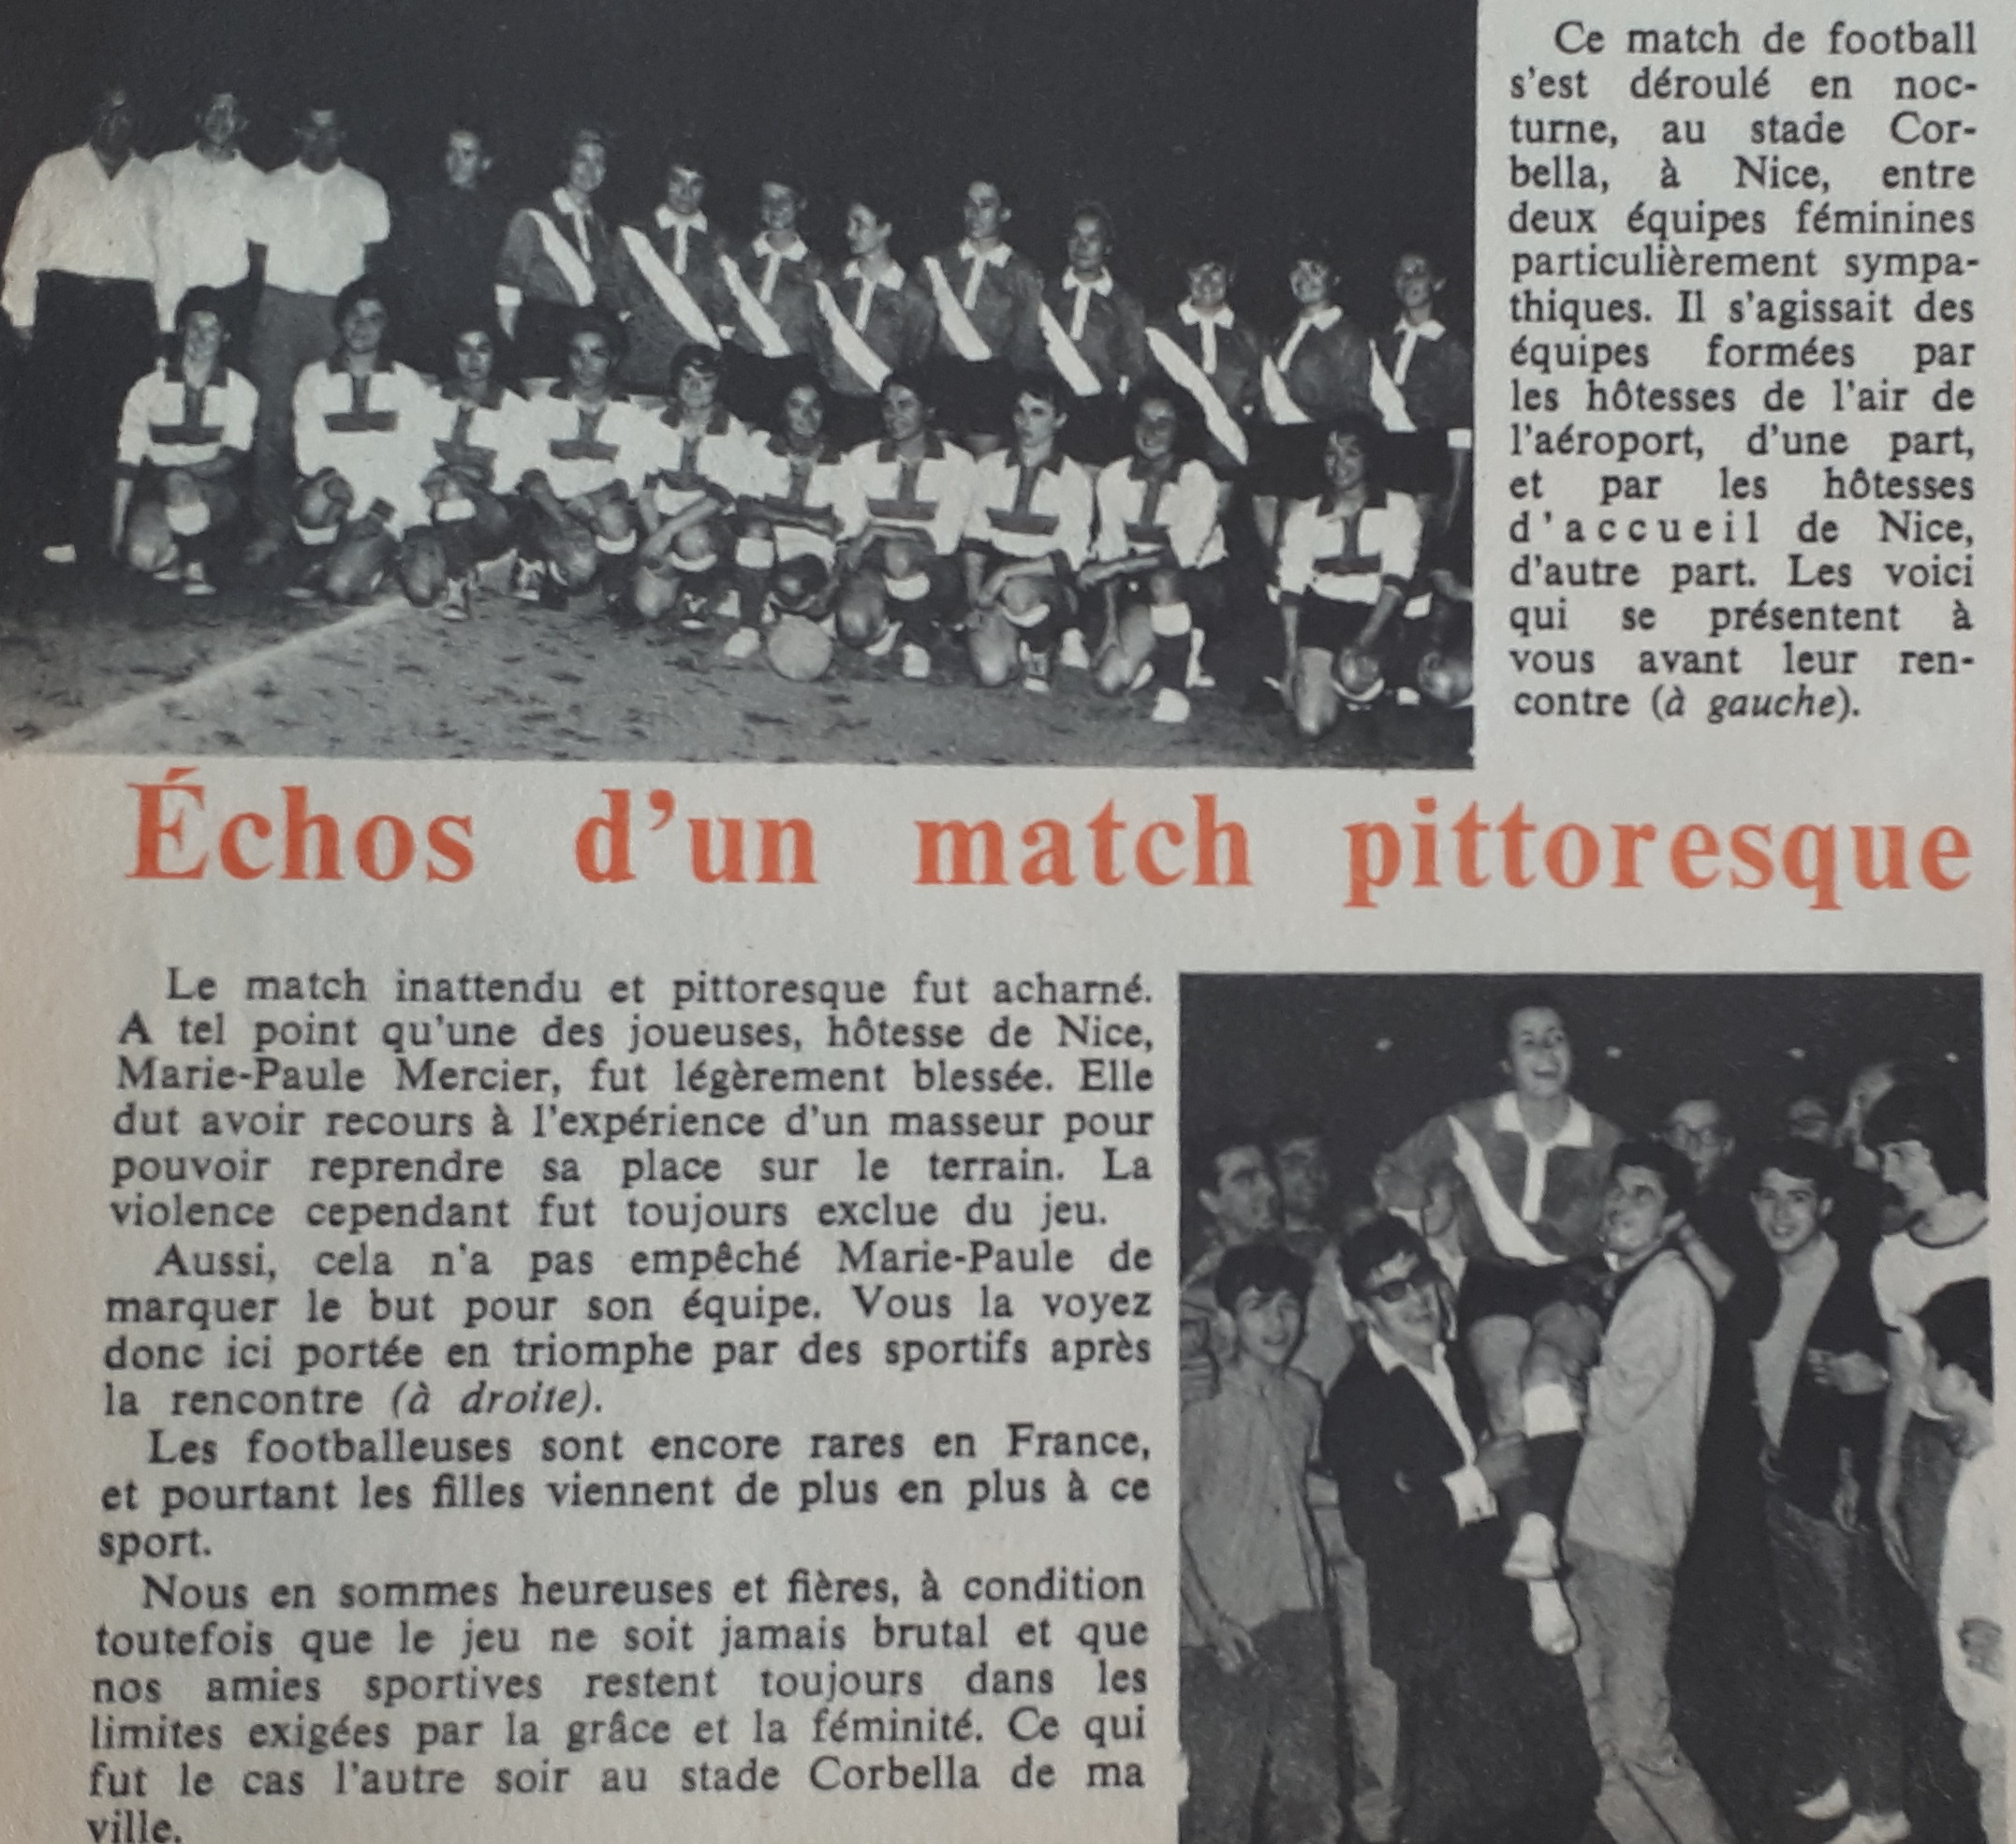 Août 1964, un magazine féminin fait l'écho d'une rencontre féminine à Nice